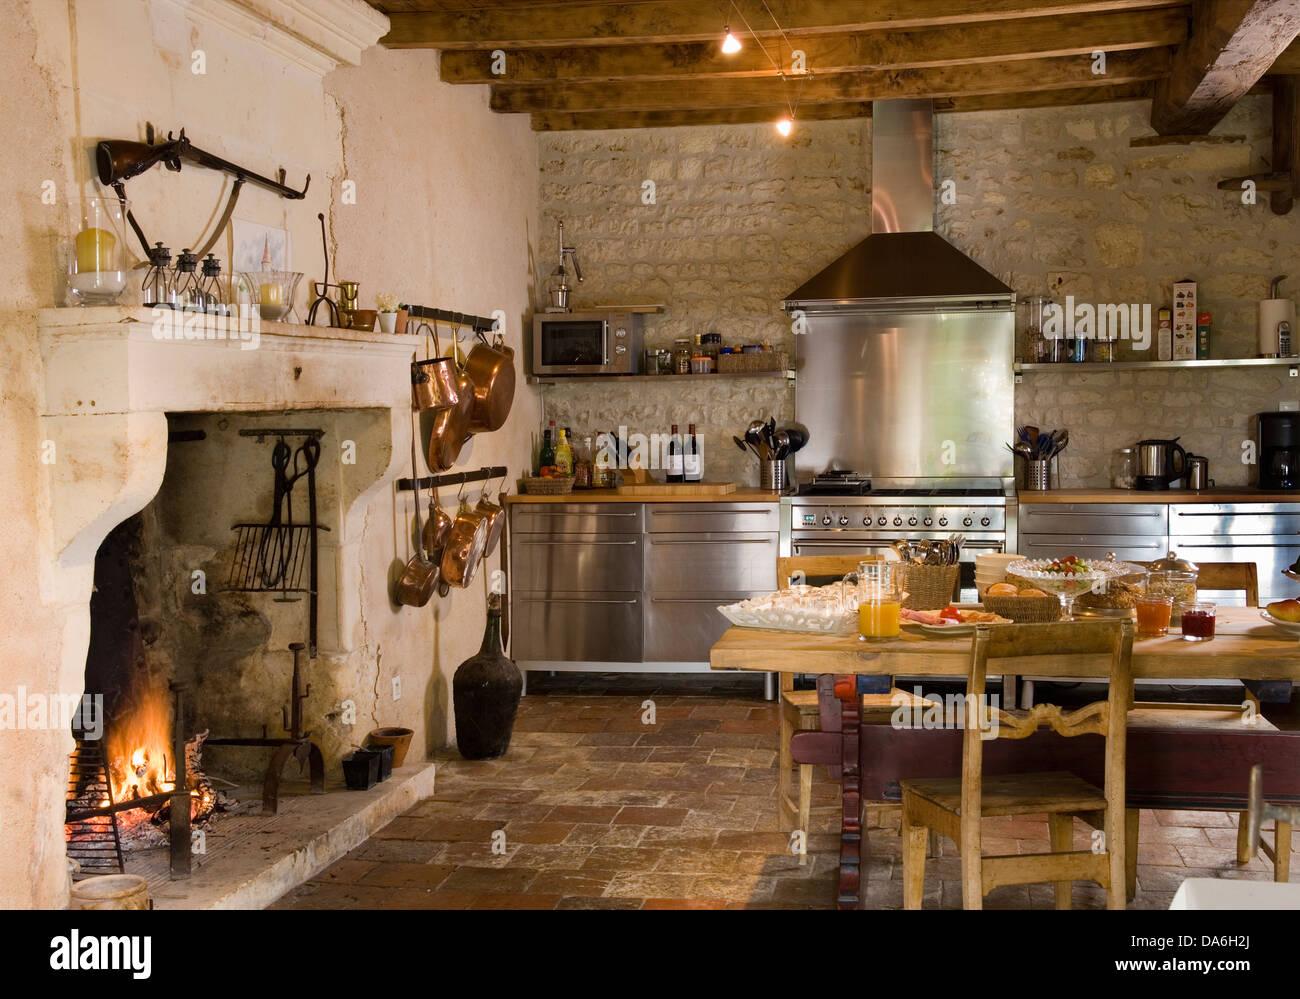 Acceso il fuoco nel camino in cucina di paese con rustici tavoli e ...